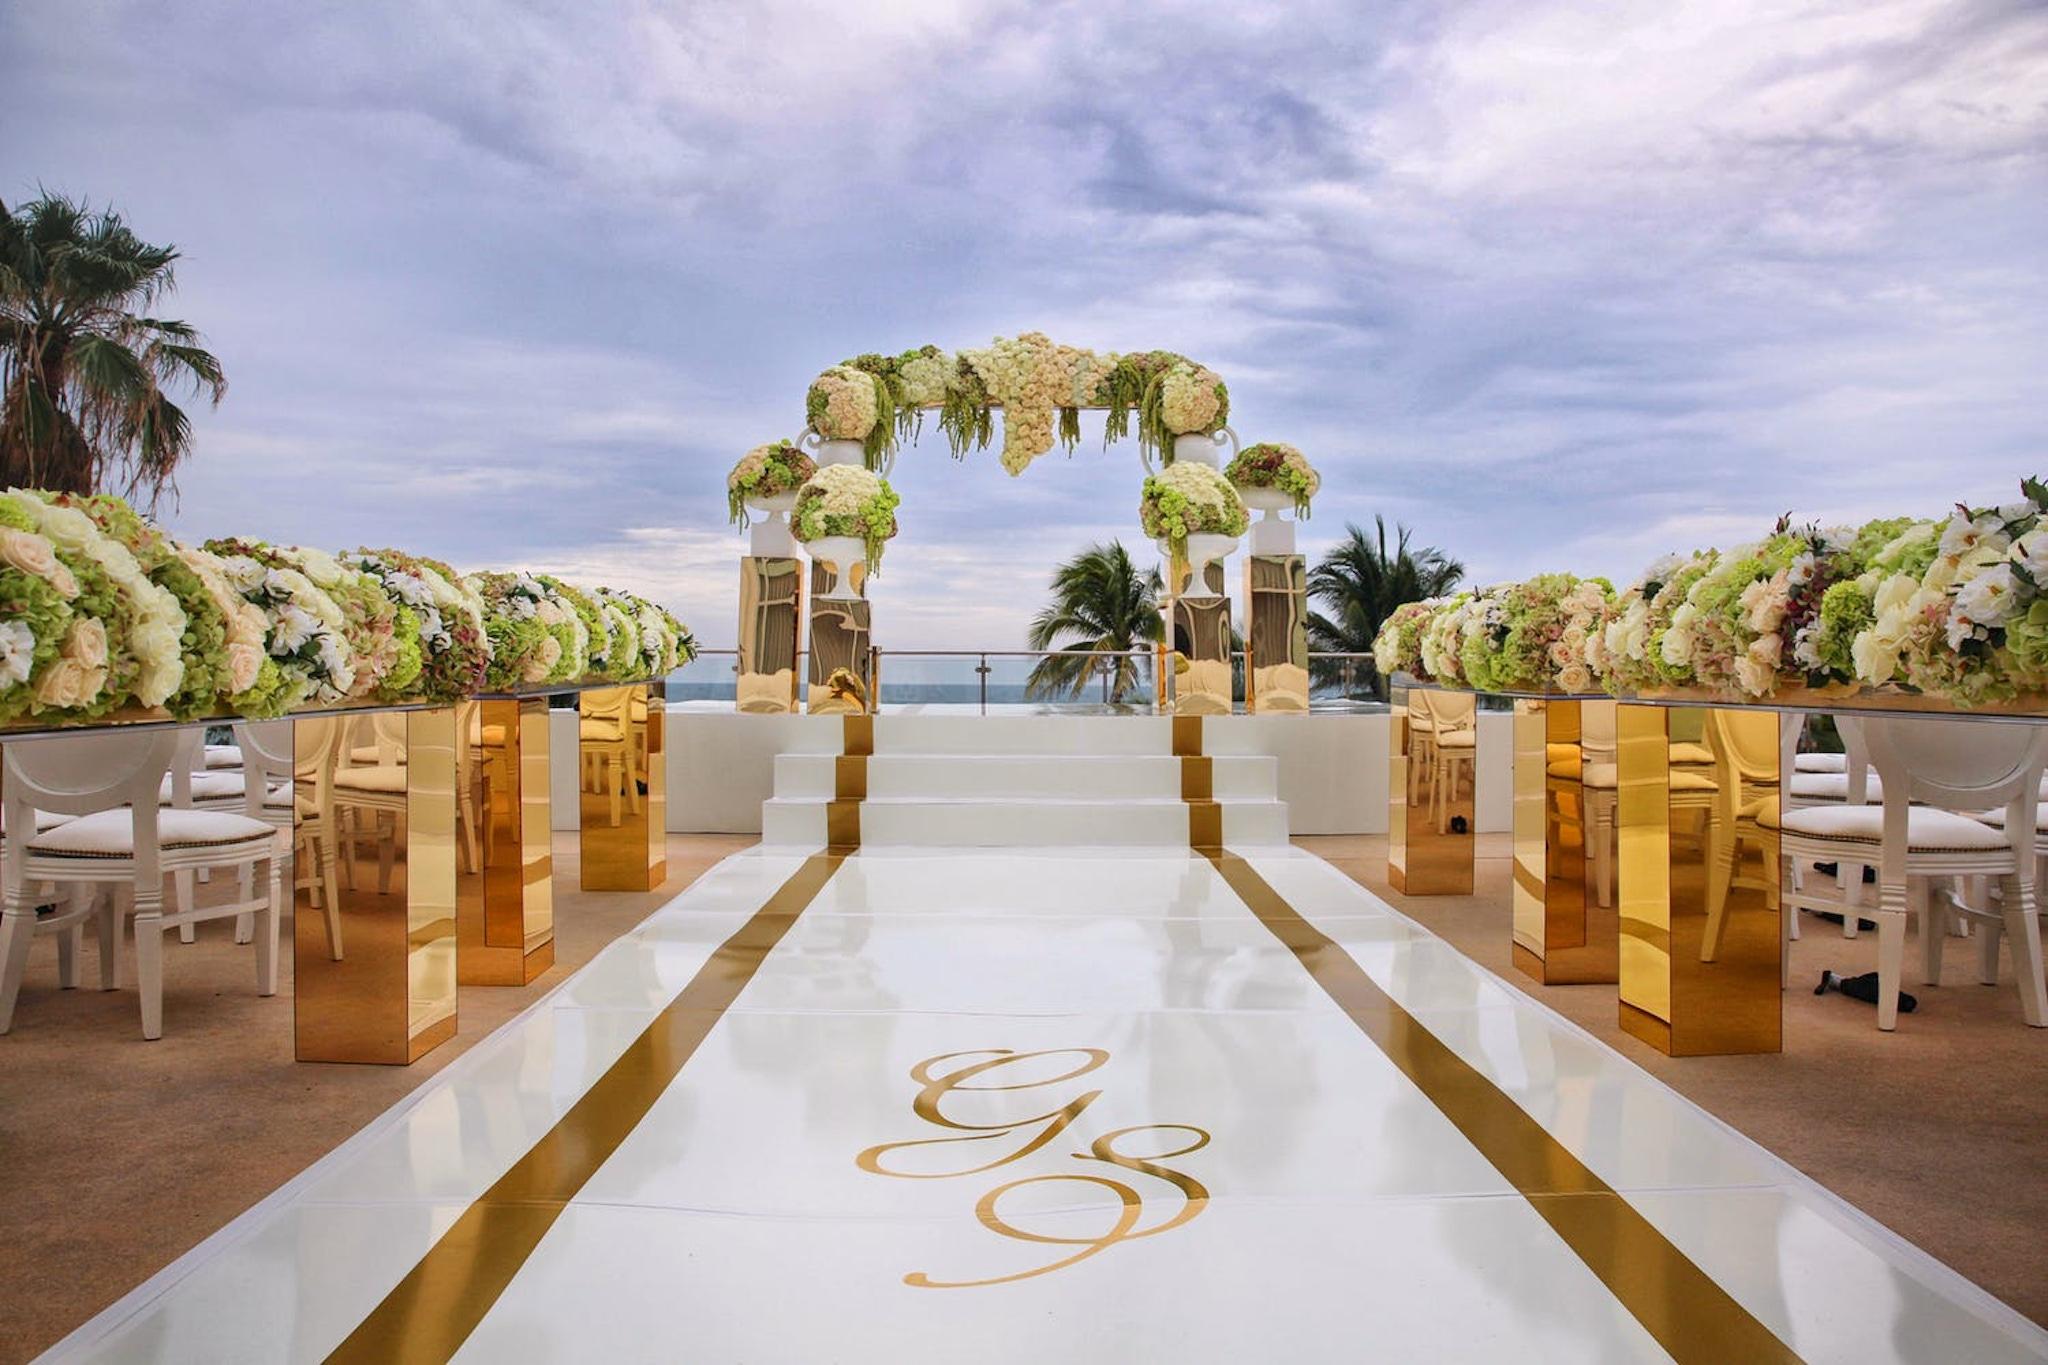 customized wedding aisle